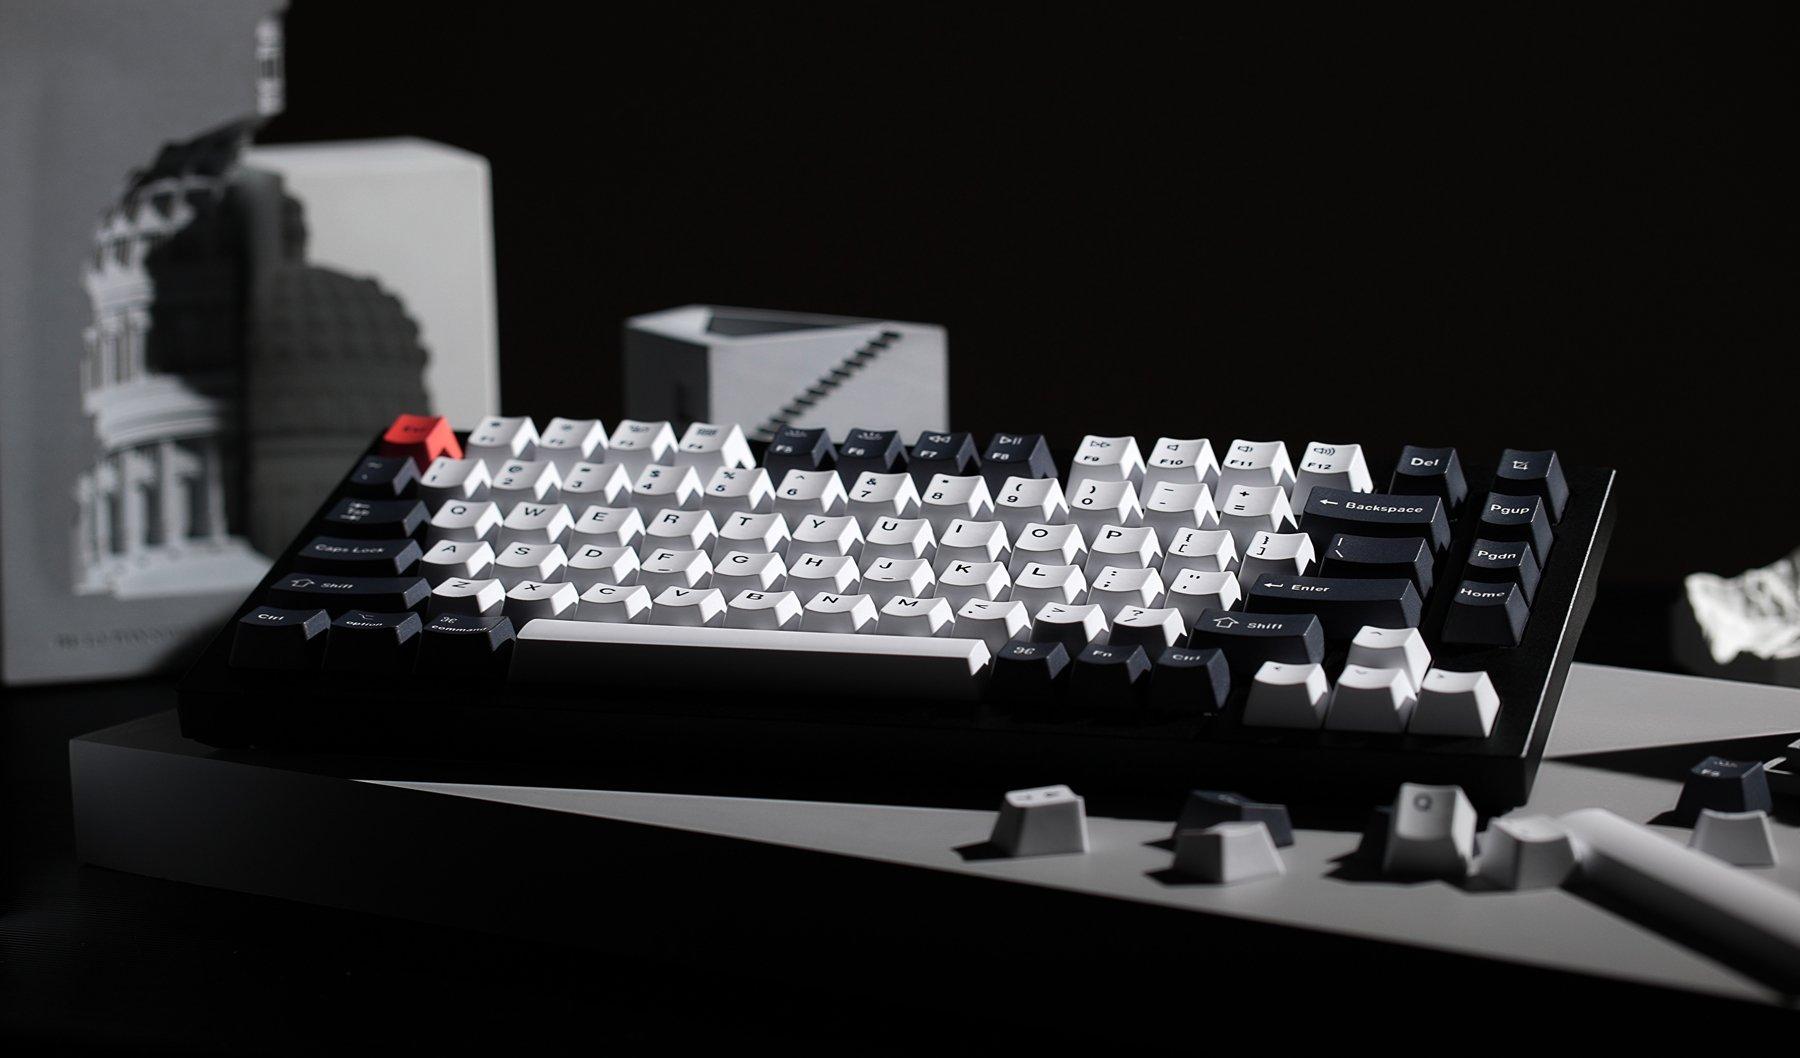 Keychron Q1 - Bàn phím cơ custom hỗ trợ QMK